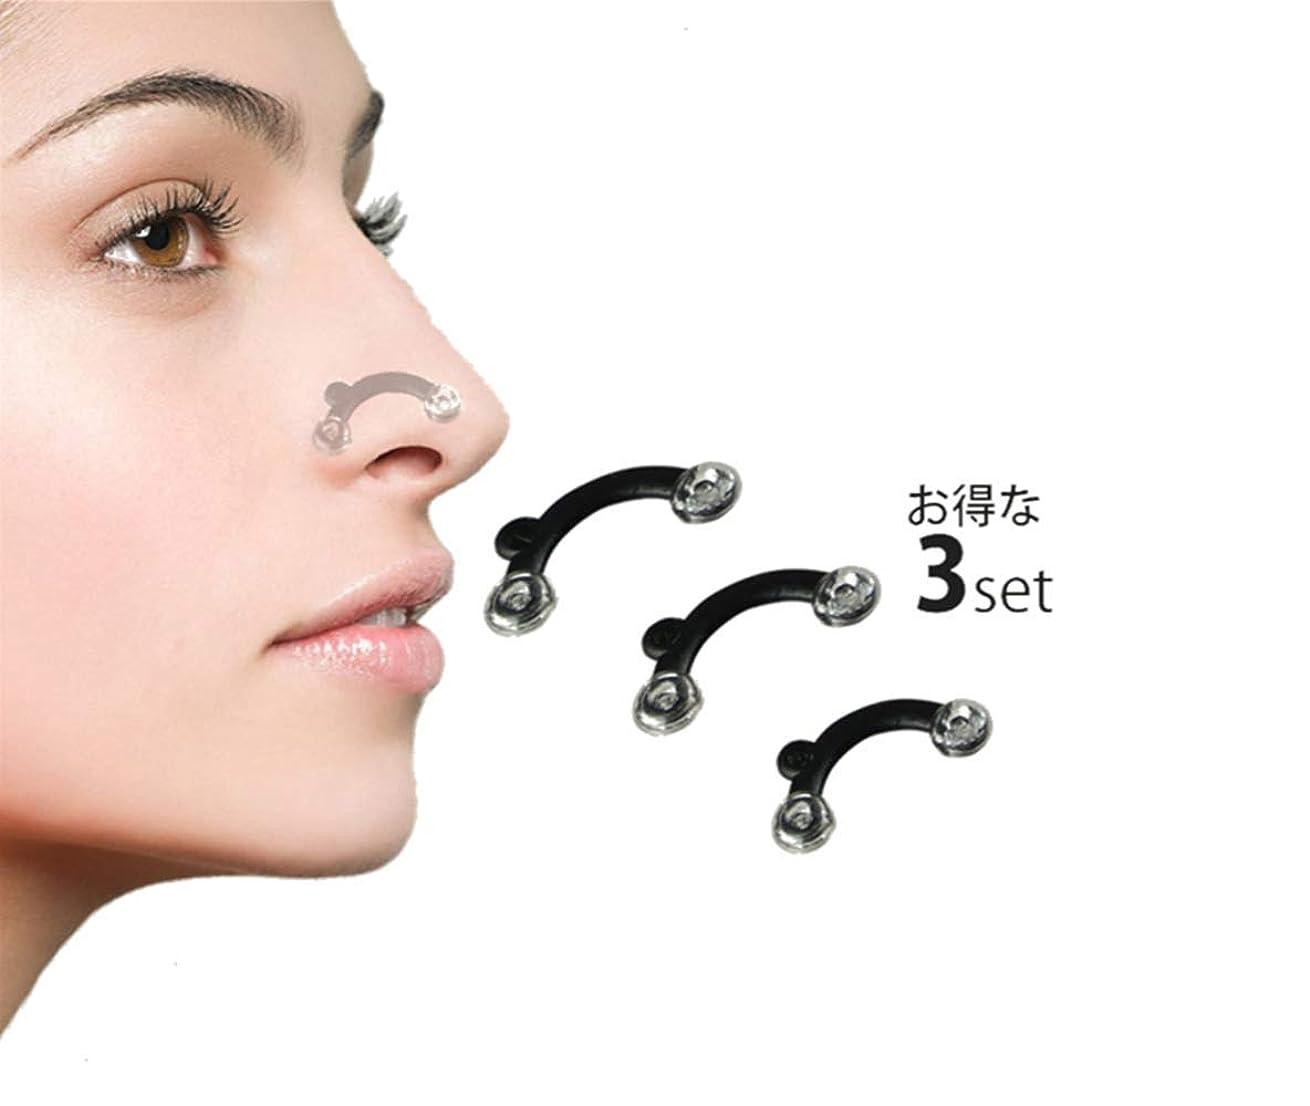 徒歩でバンクに対応するNIGOTEN 鼻プチ 鼻のアイプチ 矯正プチ 高い柔軟性 美鼻用 医療用 シリコン 整形せず 痛くない